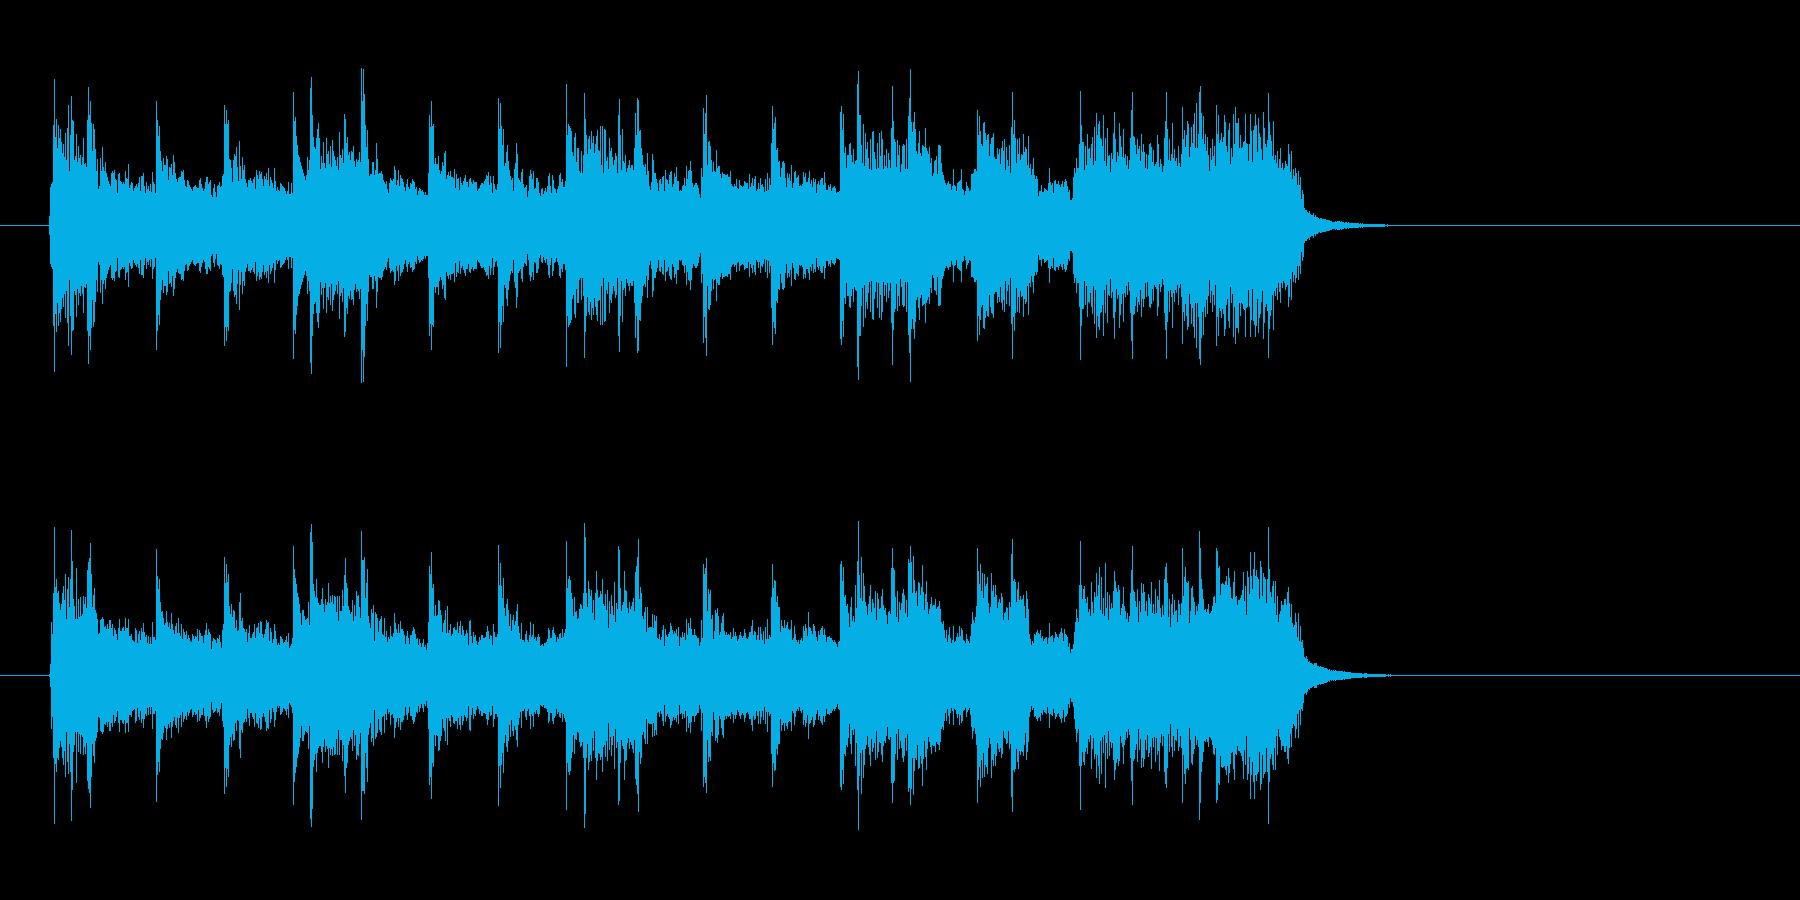 アメリカンロック/ポップ(イントロ)の再生済みの波形